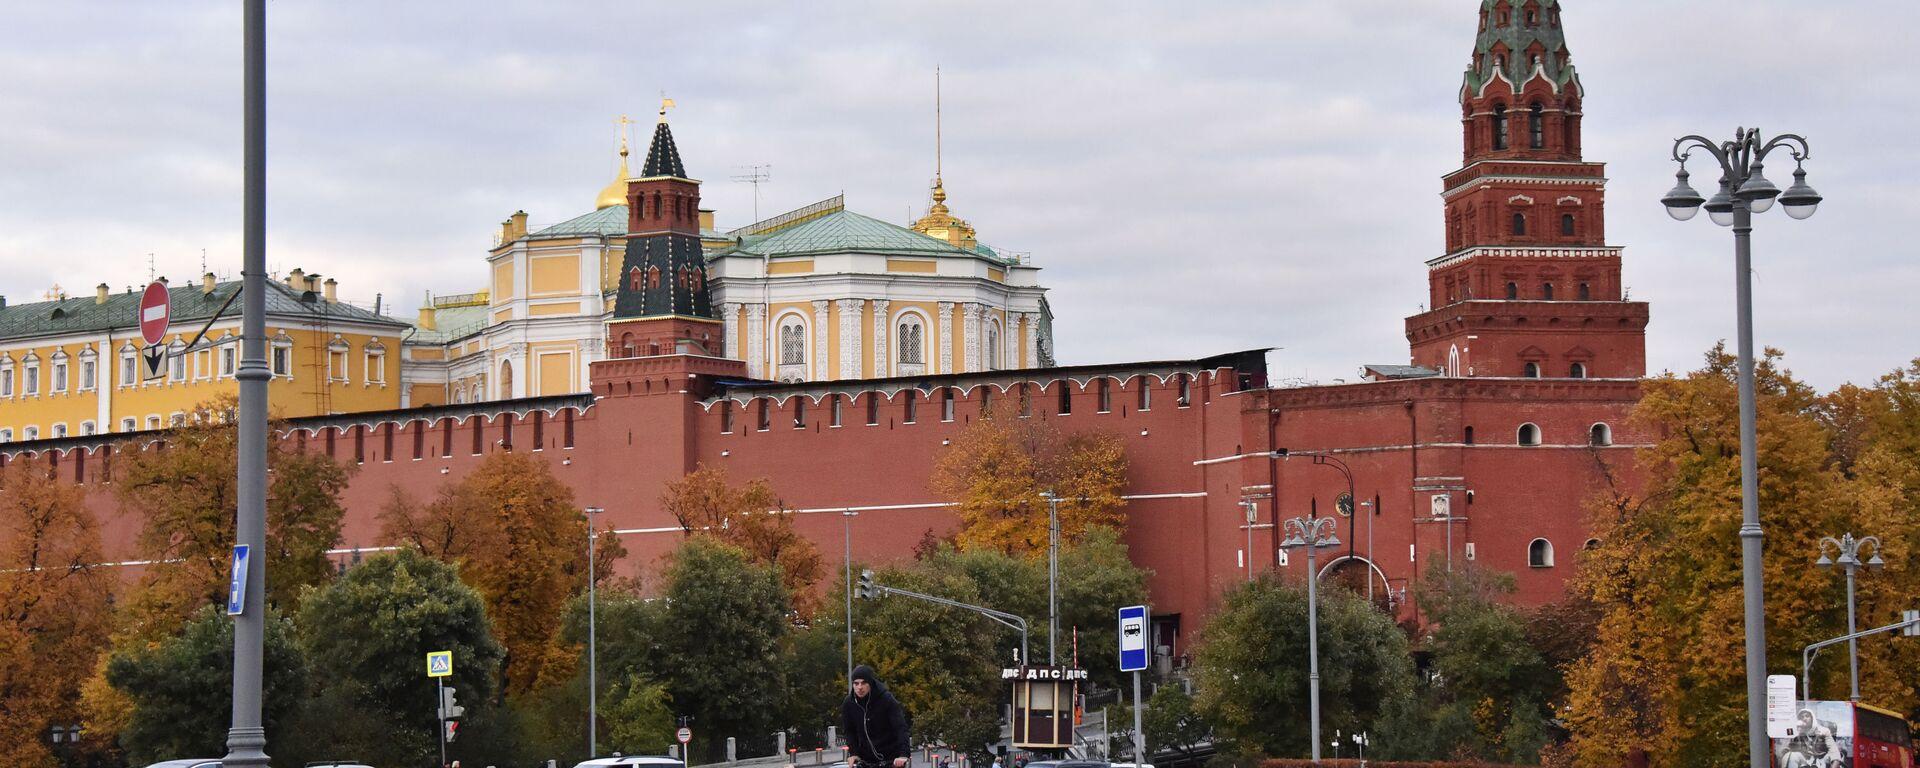 Kreml w Moskwie - Sputnik Polska, 1920, 23.08.2021